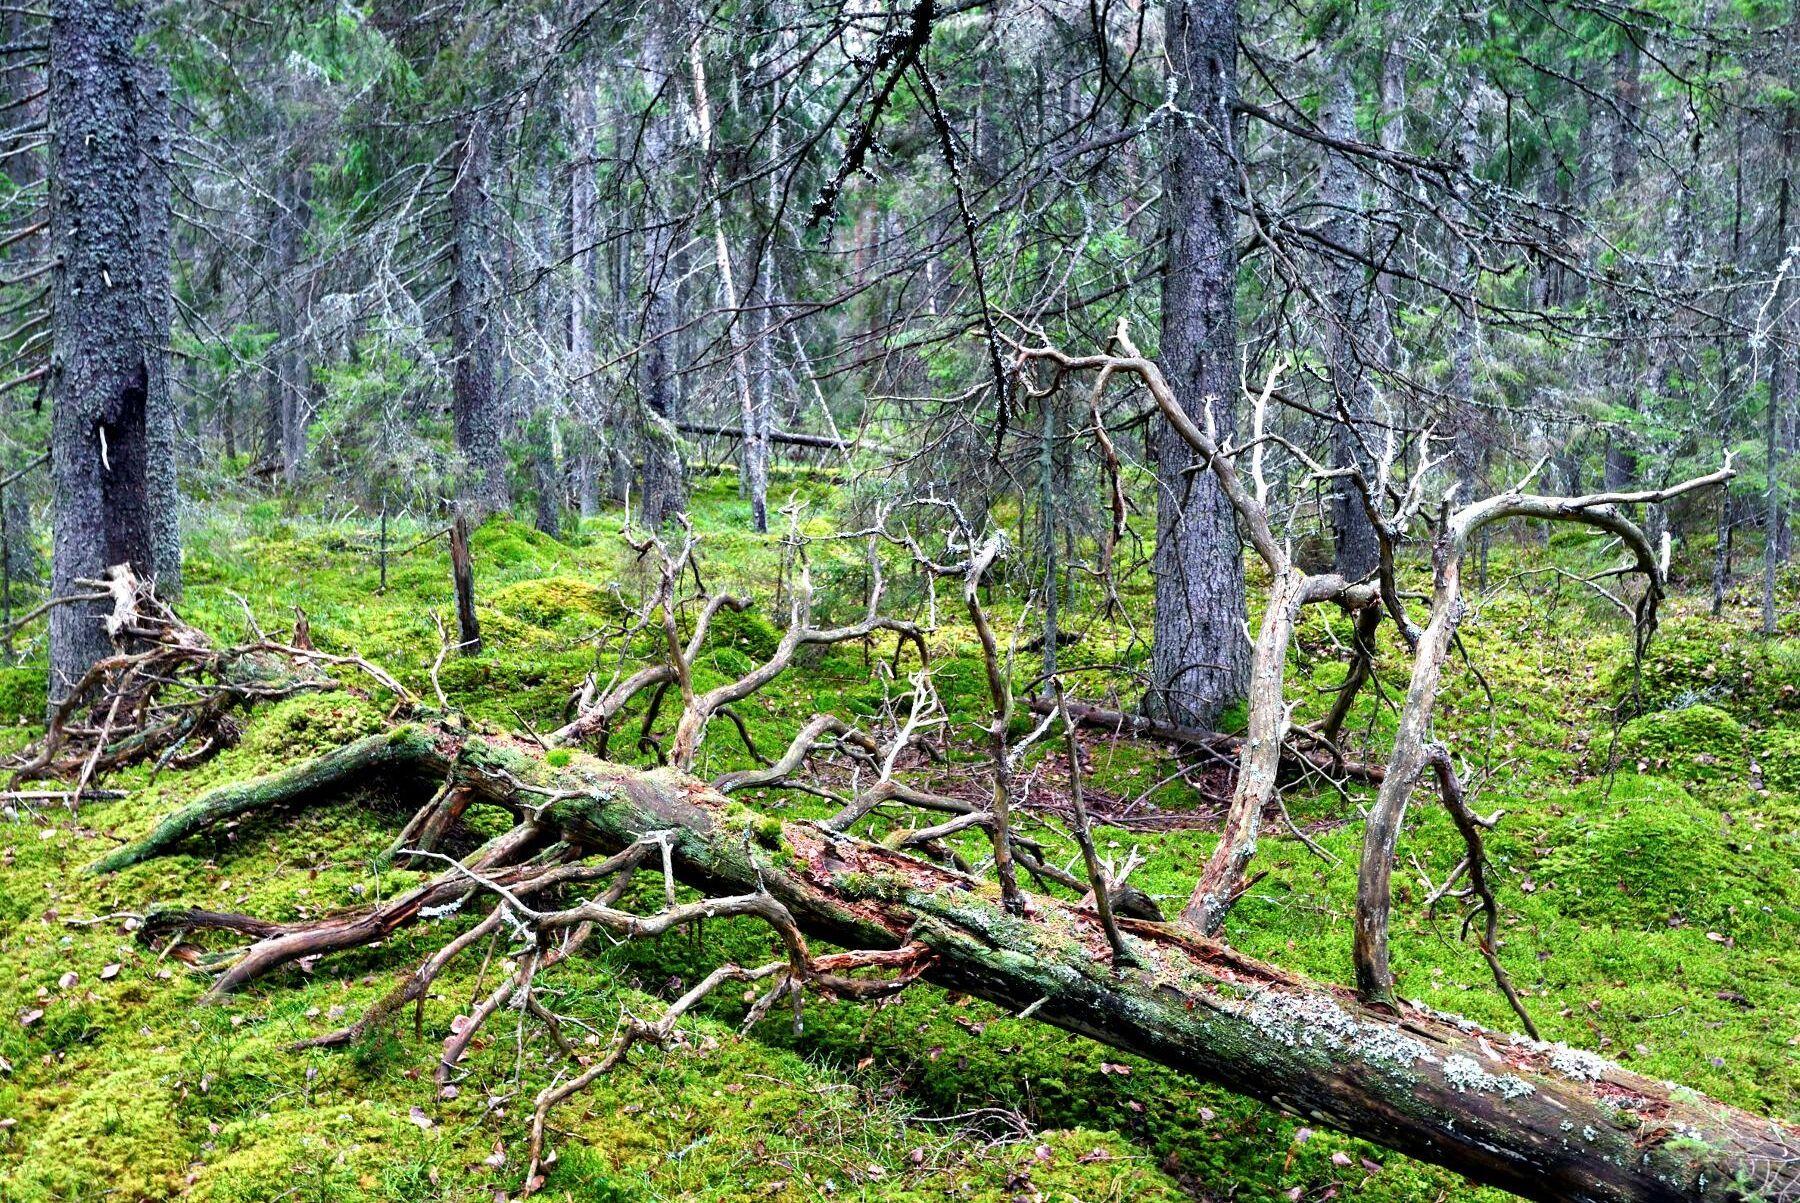 Gammal skog fungerar dåligt som kolsänka, enligt danska forskare. Däremot har den stor betydelse för den biologiska mångfalden.